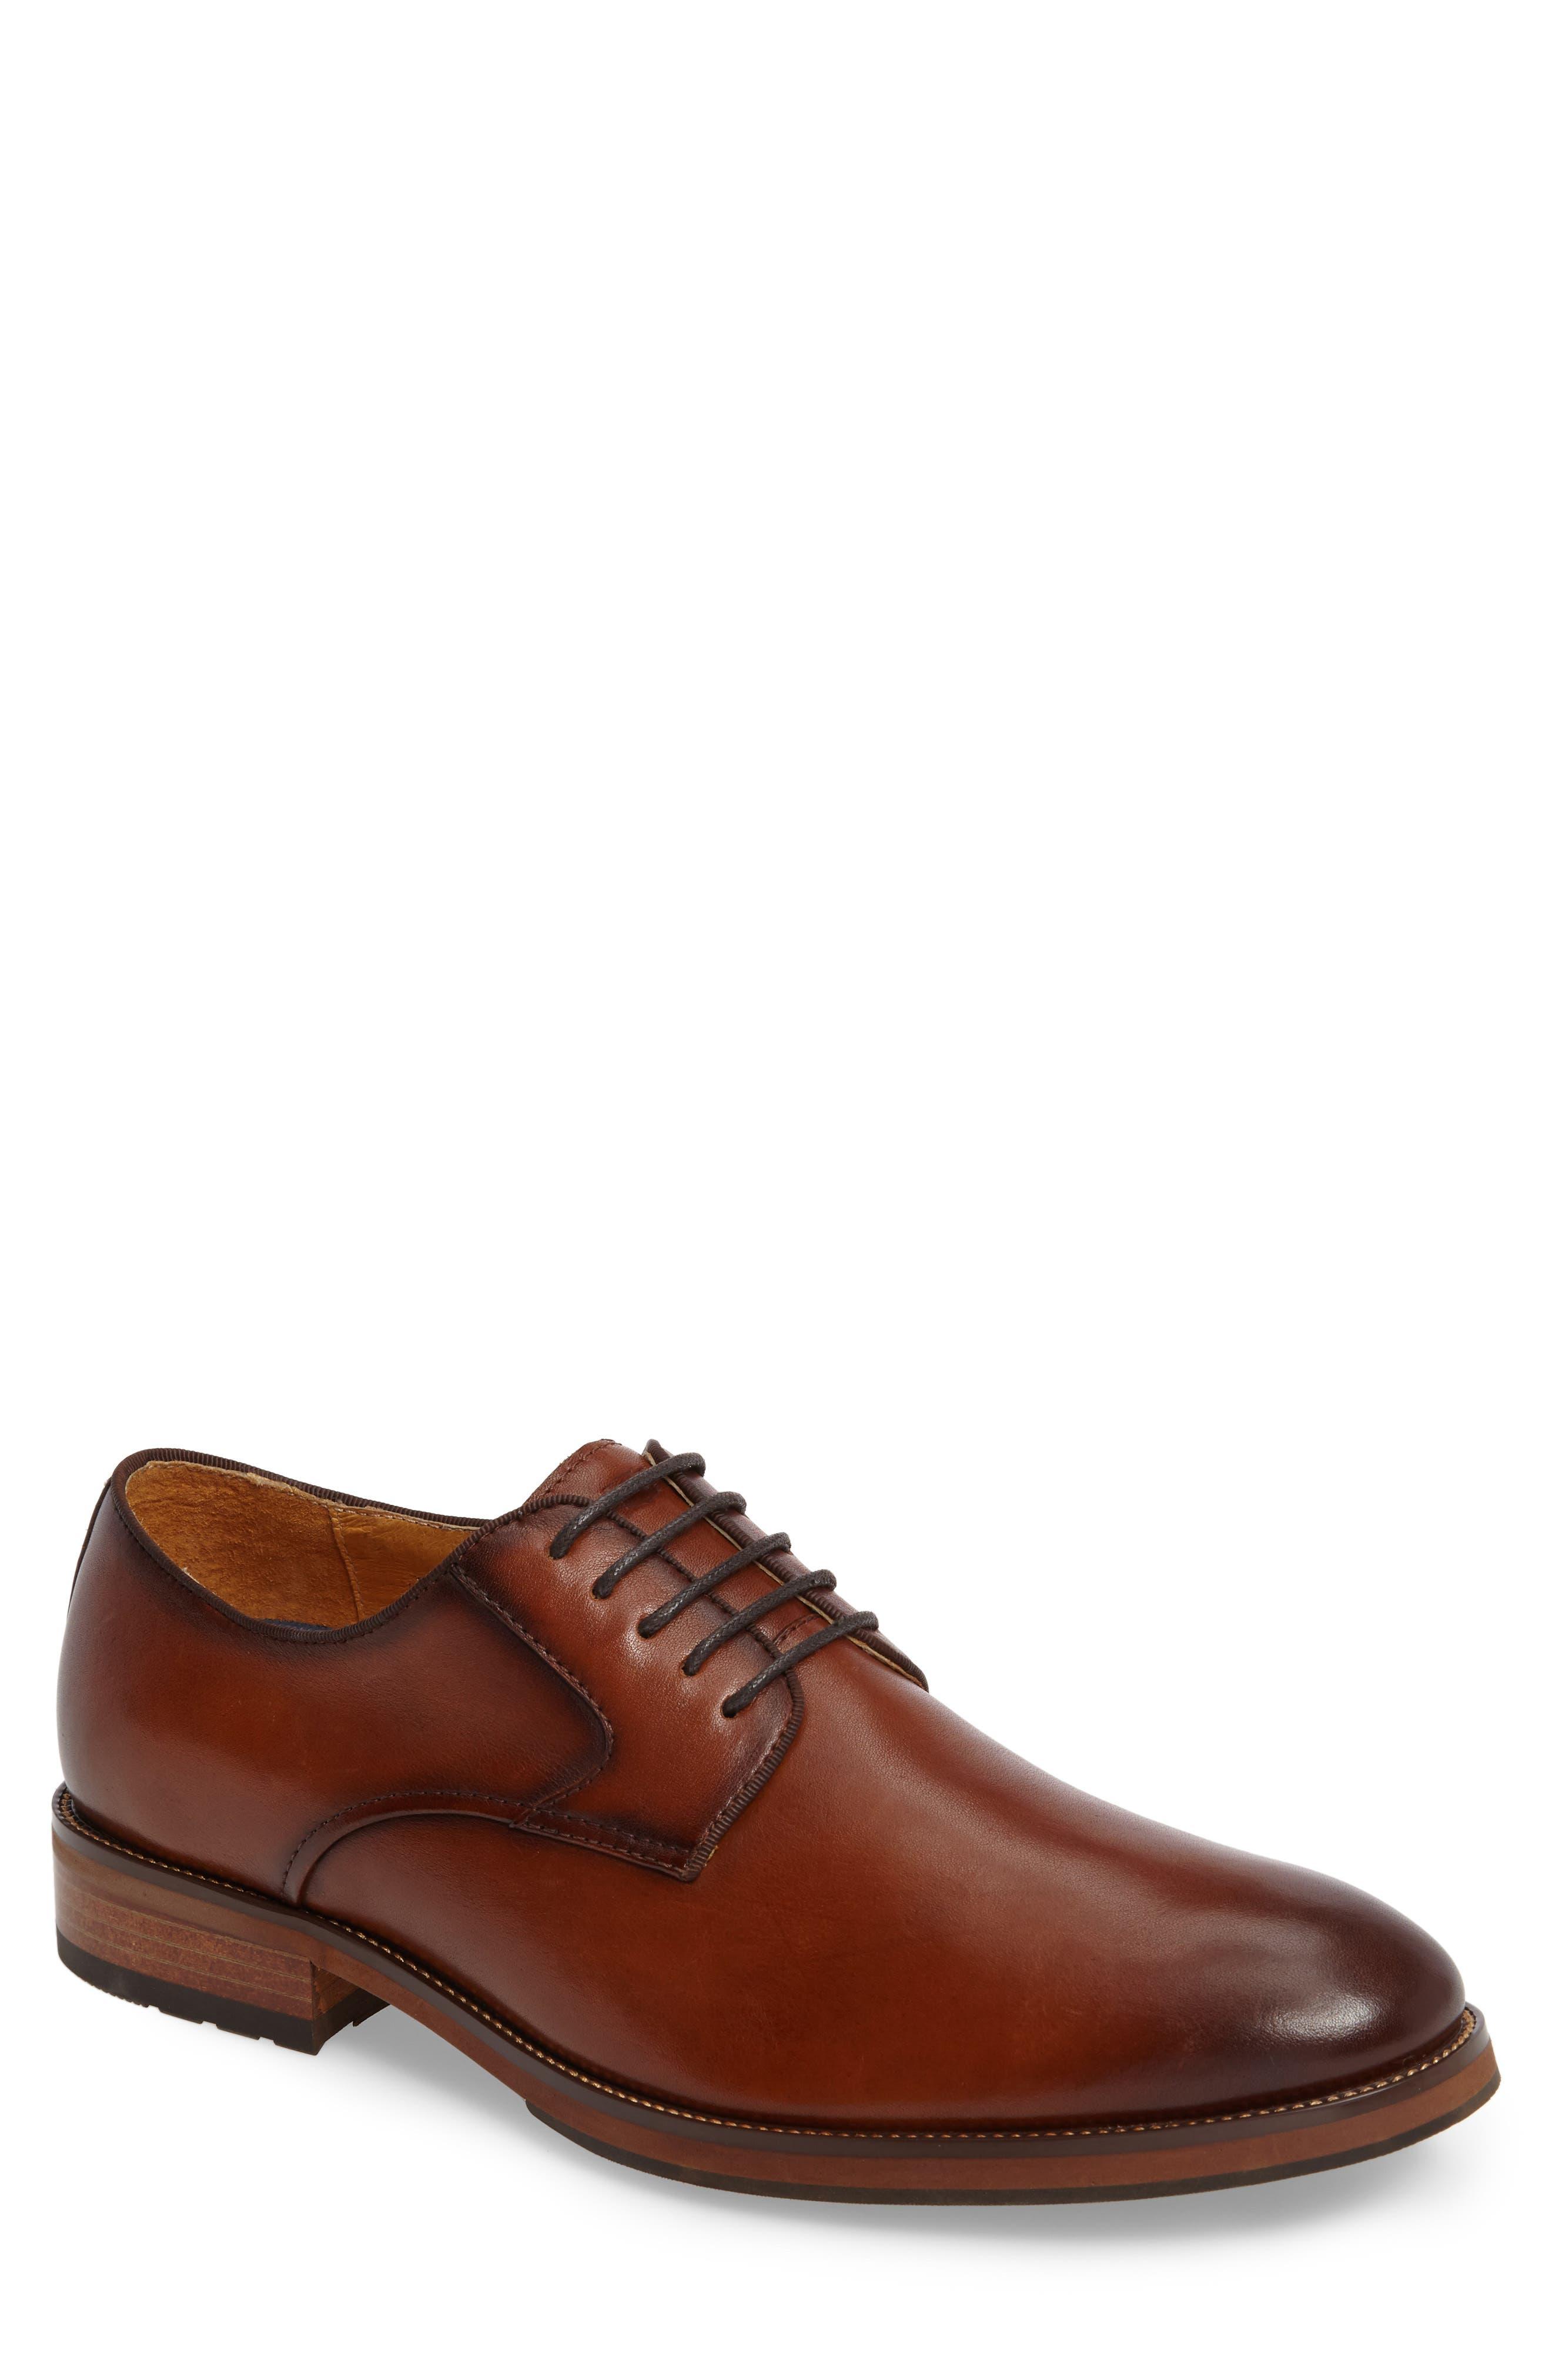 Blaze Plain Toe Derby,                         Main,                         color, Cognac Leather